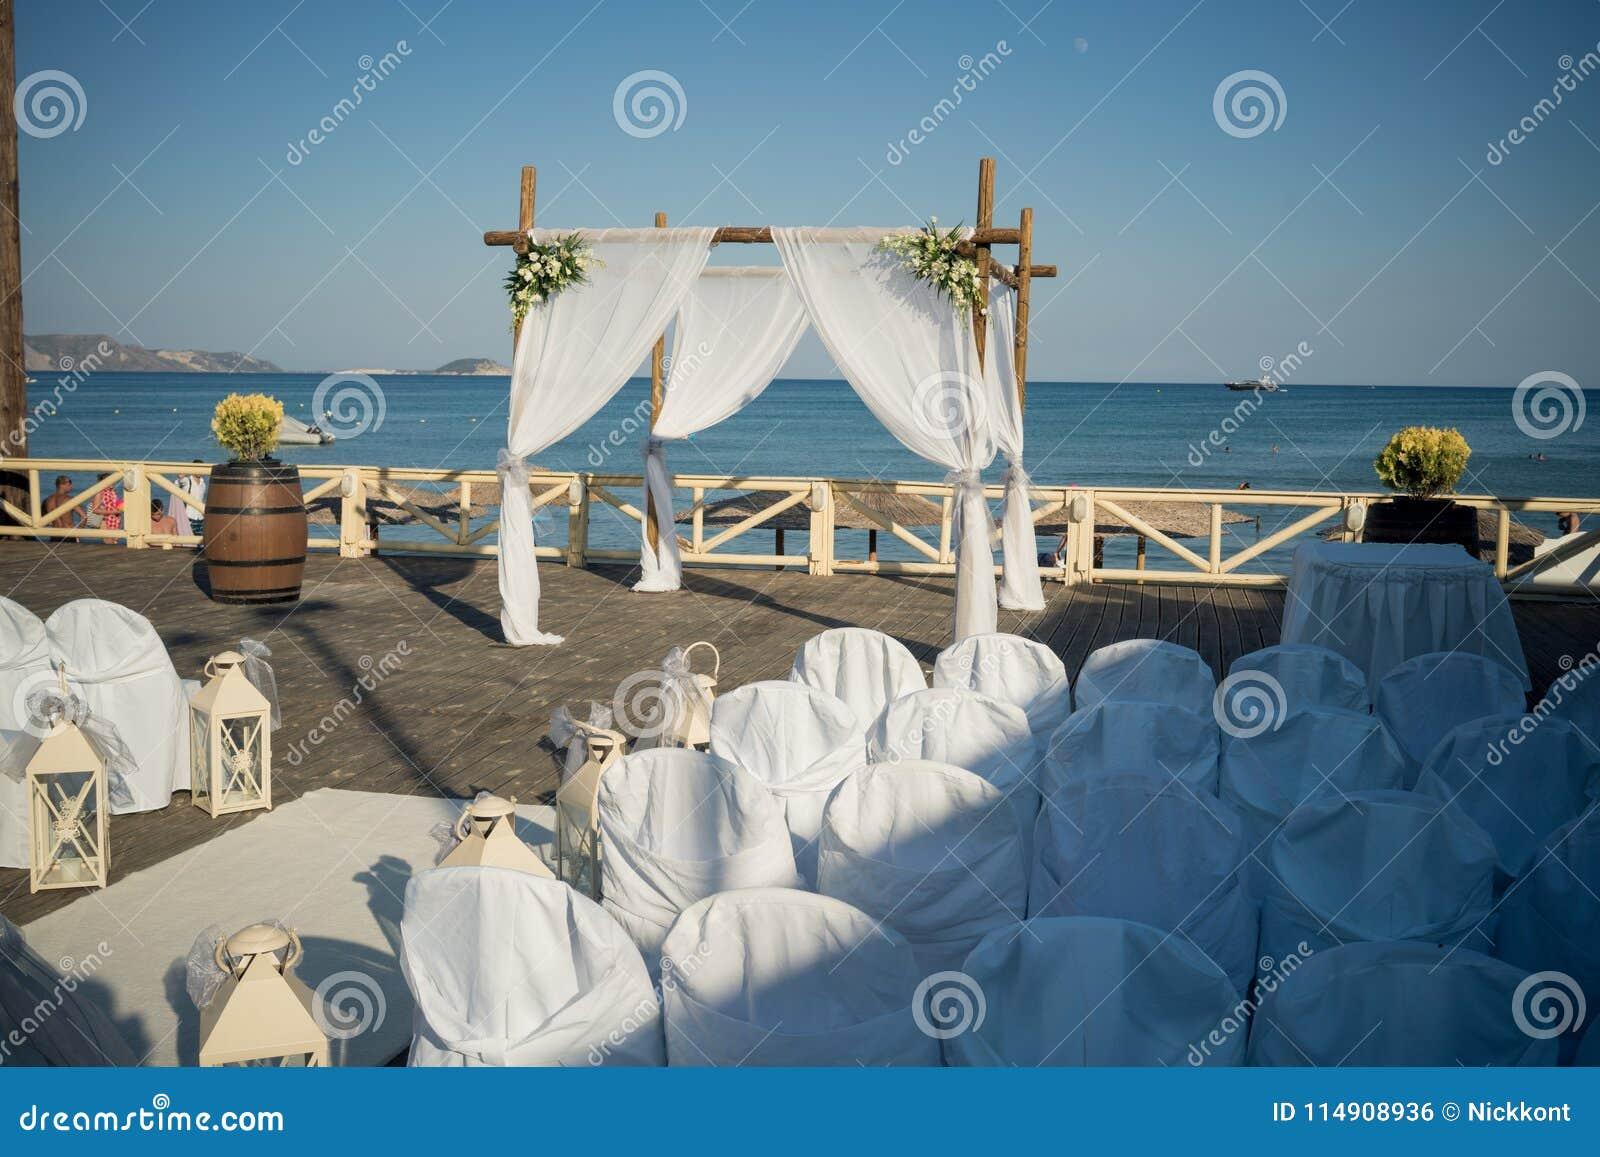 Erstaunliche Hochzeitsvorratphotographie von Griechenland! Schöne Hochzeits-Dekoration für eine vorzügliche Hochzeit